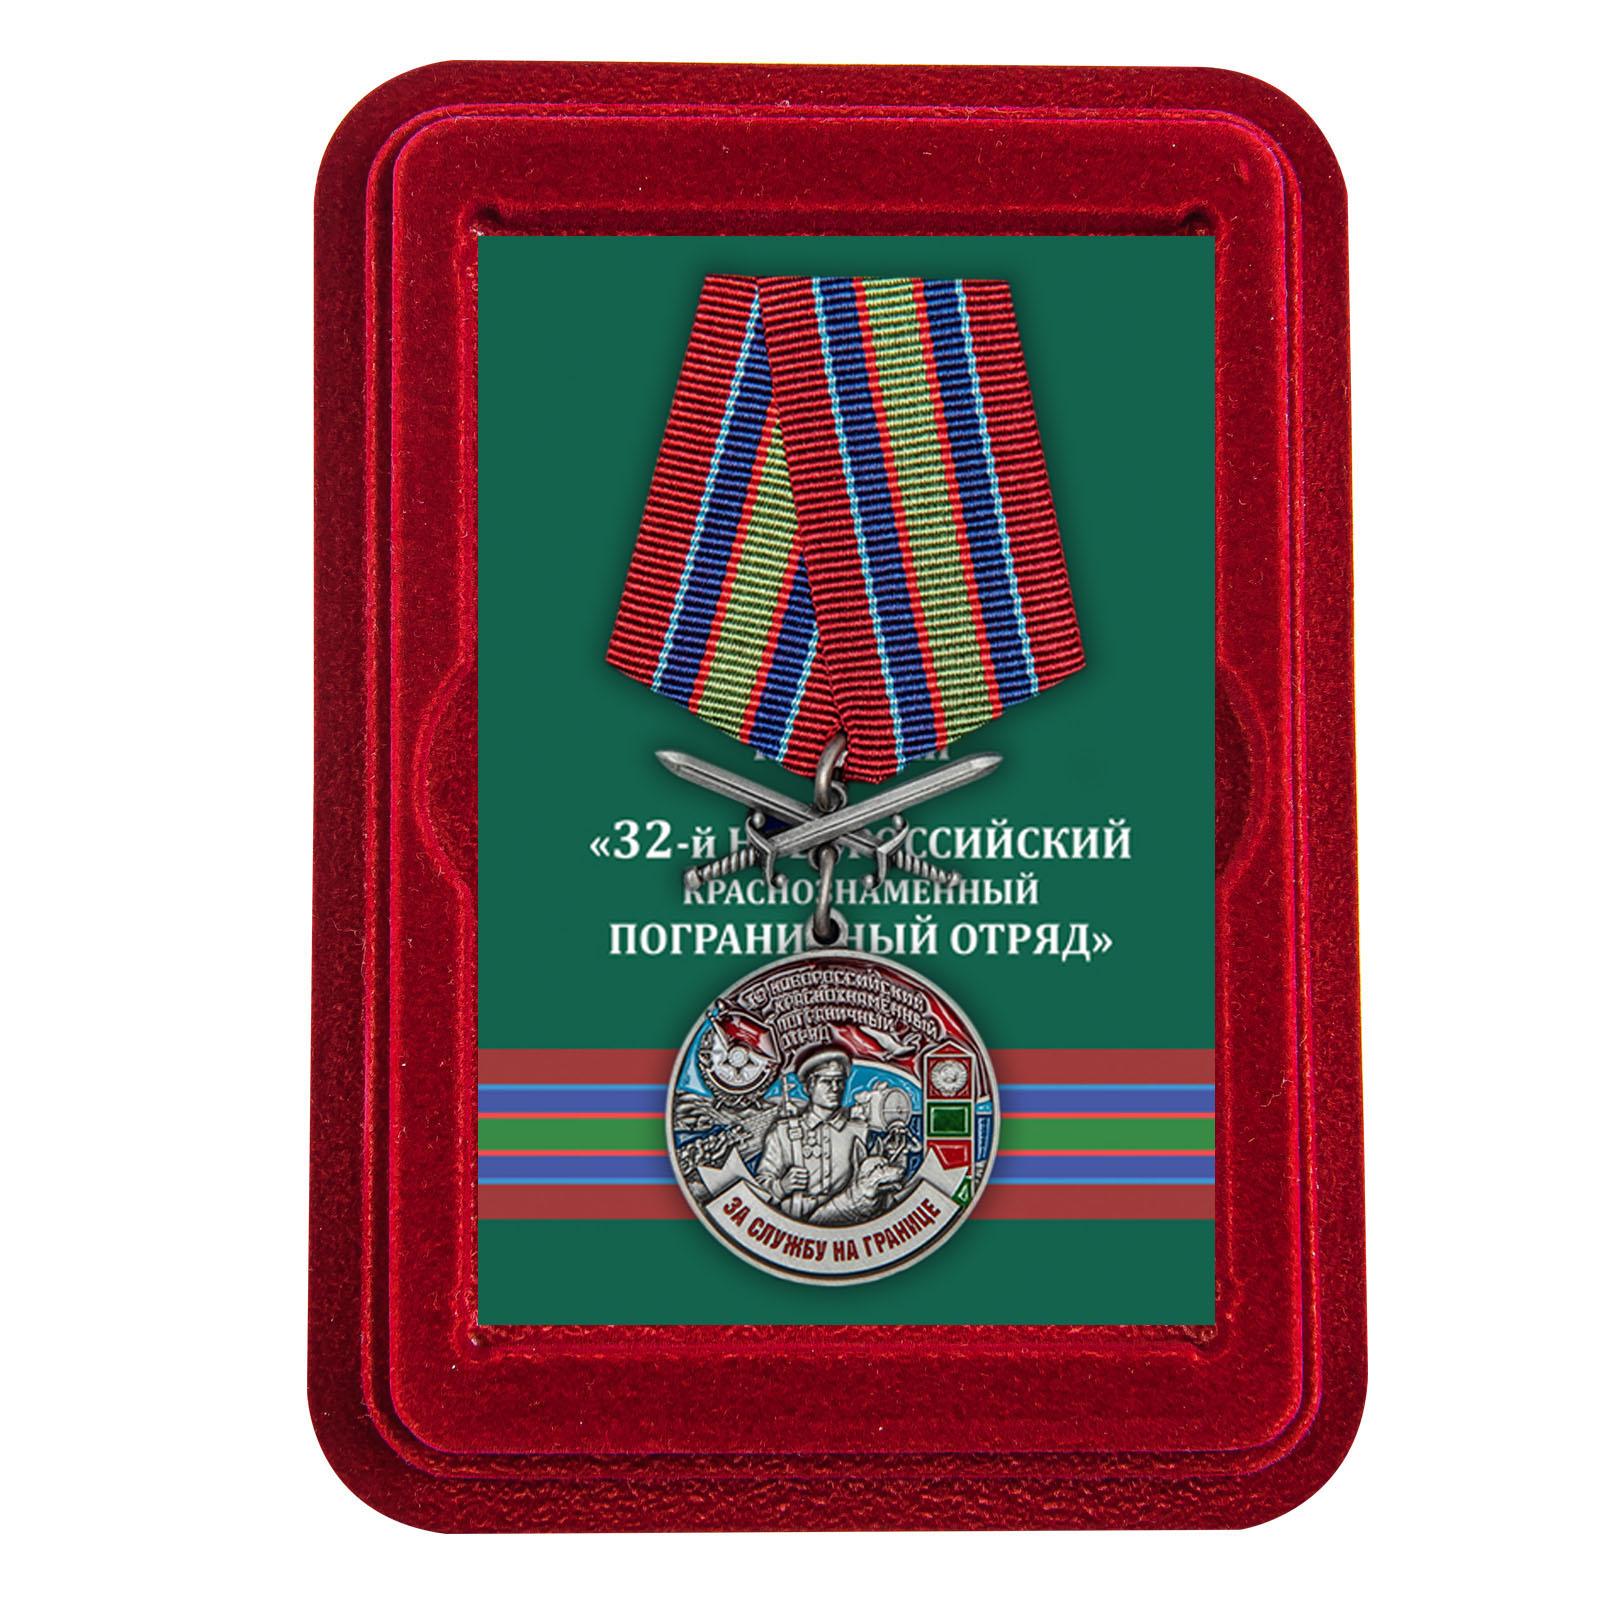 Купить медаль За службу в Новороссийском пограничном отряде по лучшей цене